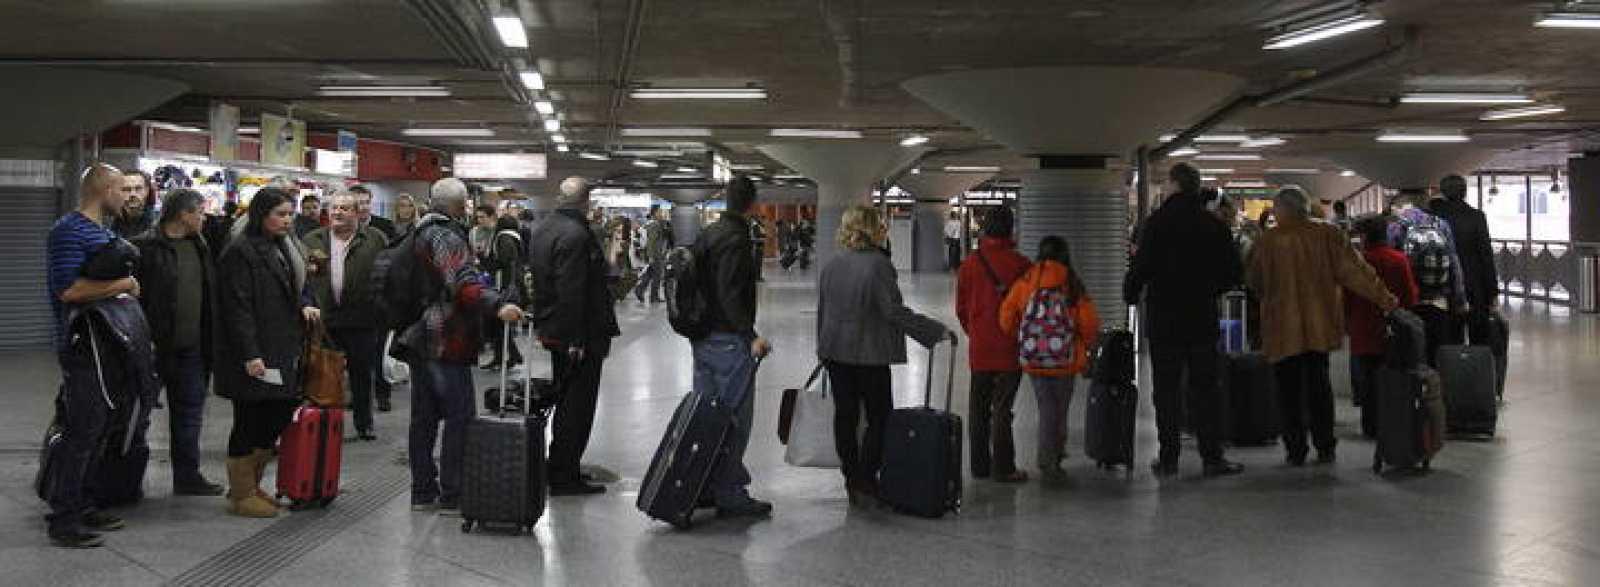 Un grupo de viajeros hacen cola en la estación de Atocha, en Madrid